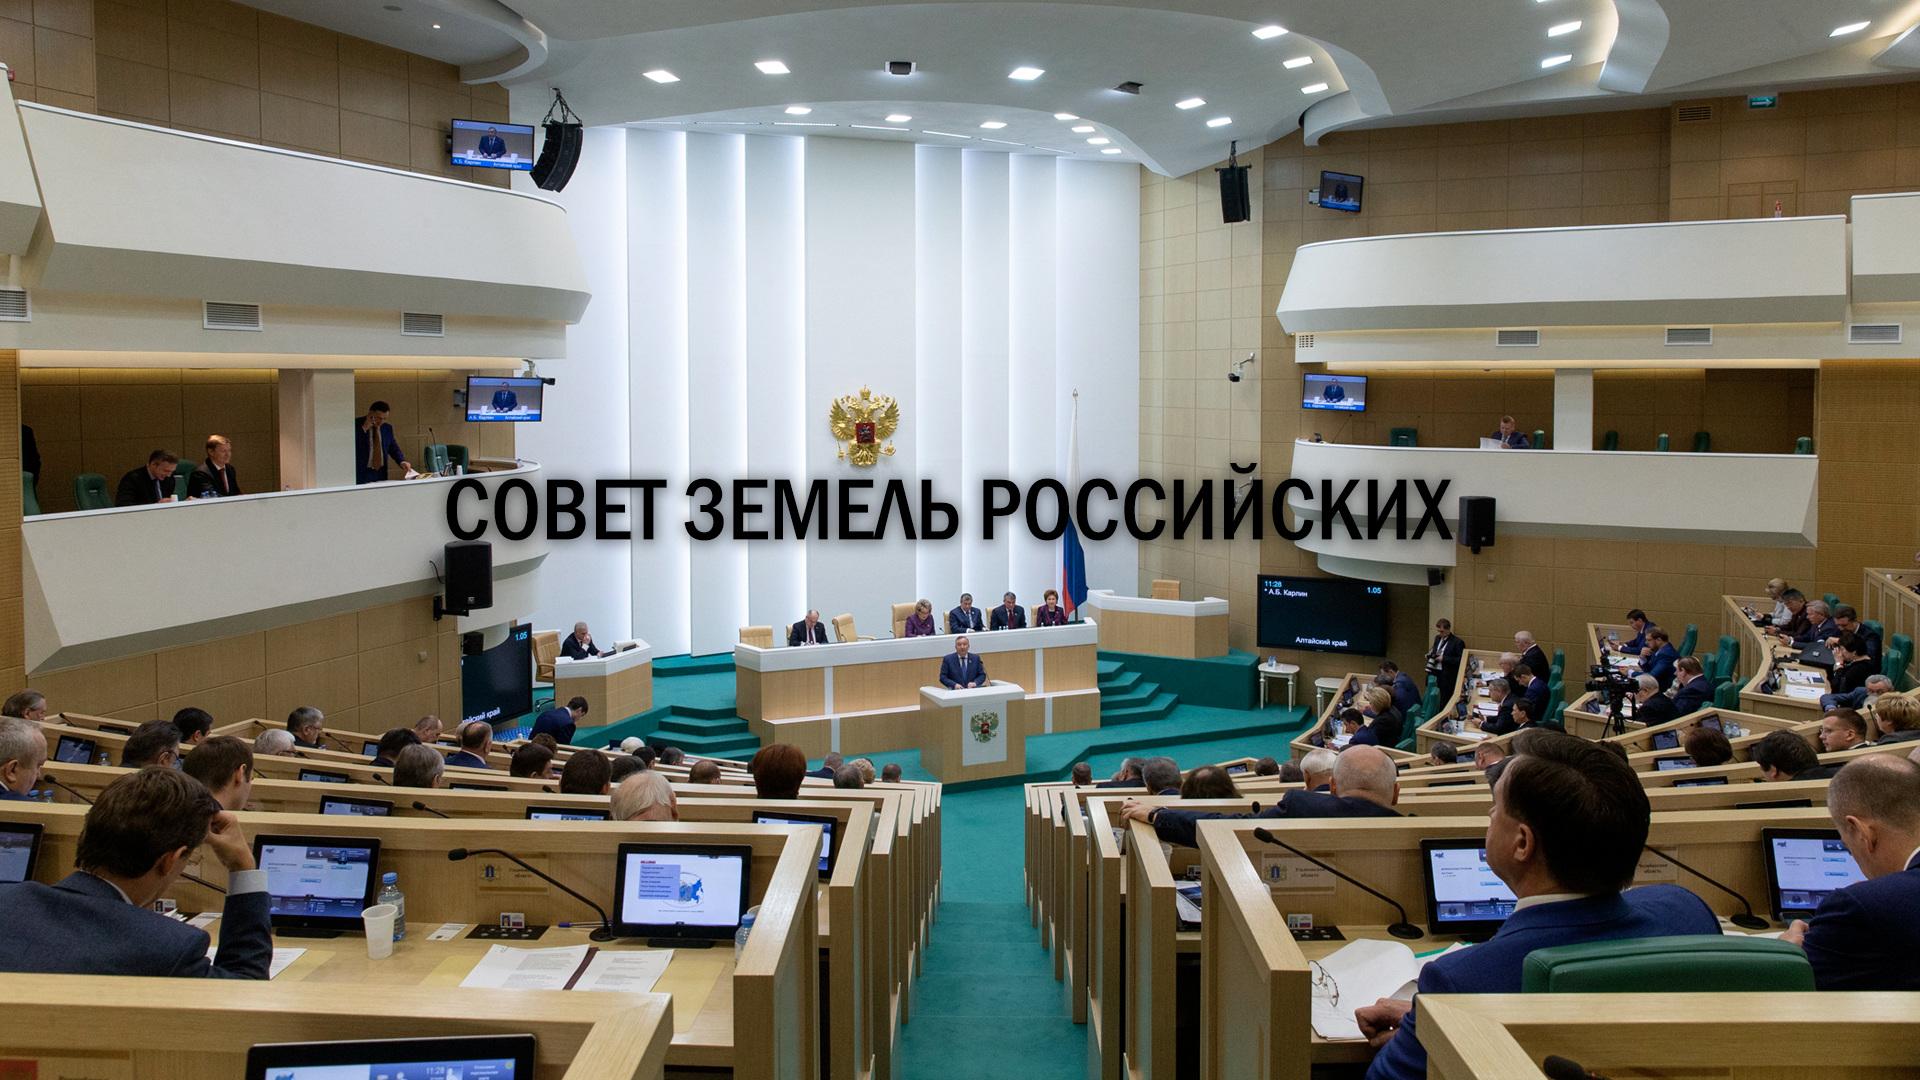 Совет земель российских